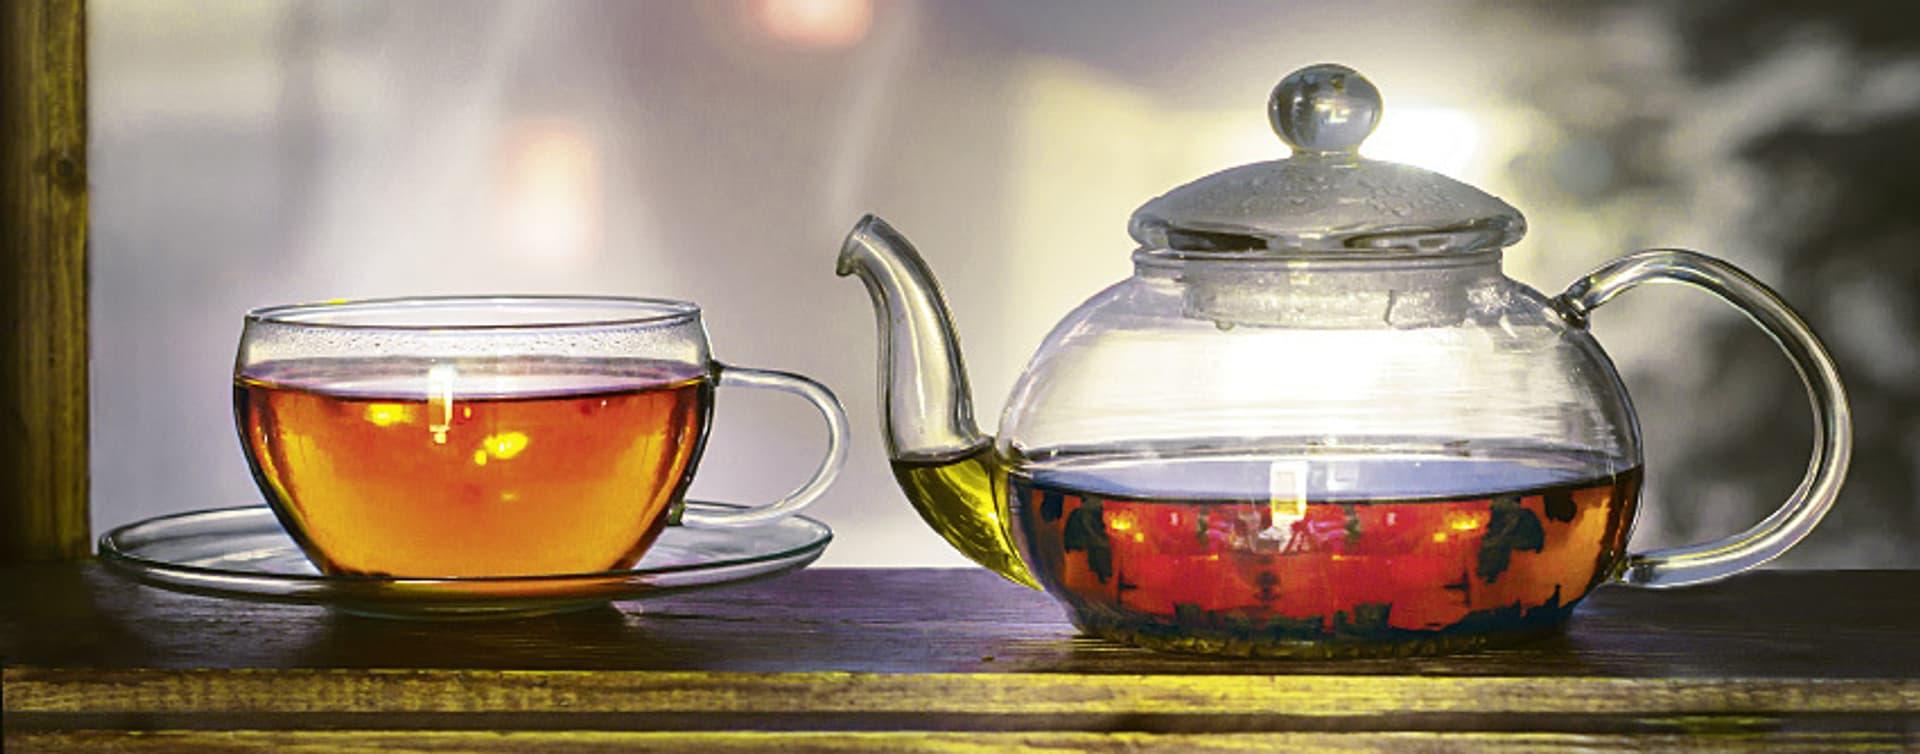 Kanne und Tasse mit Tee